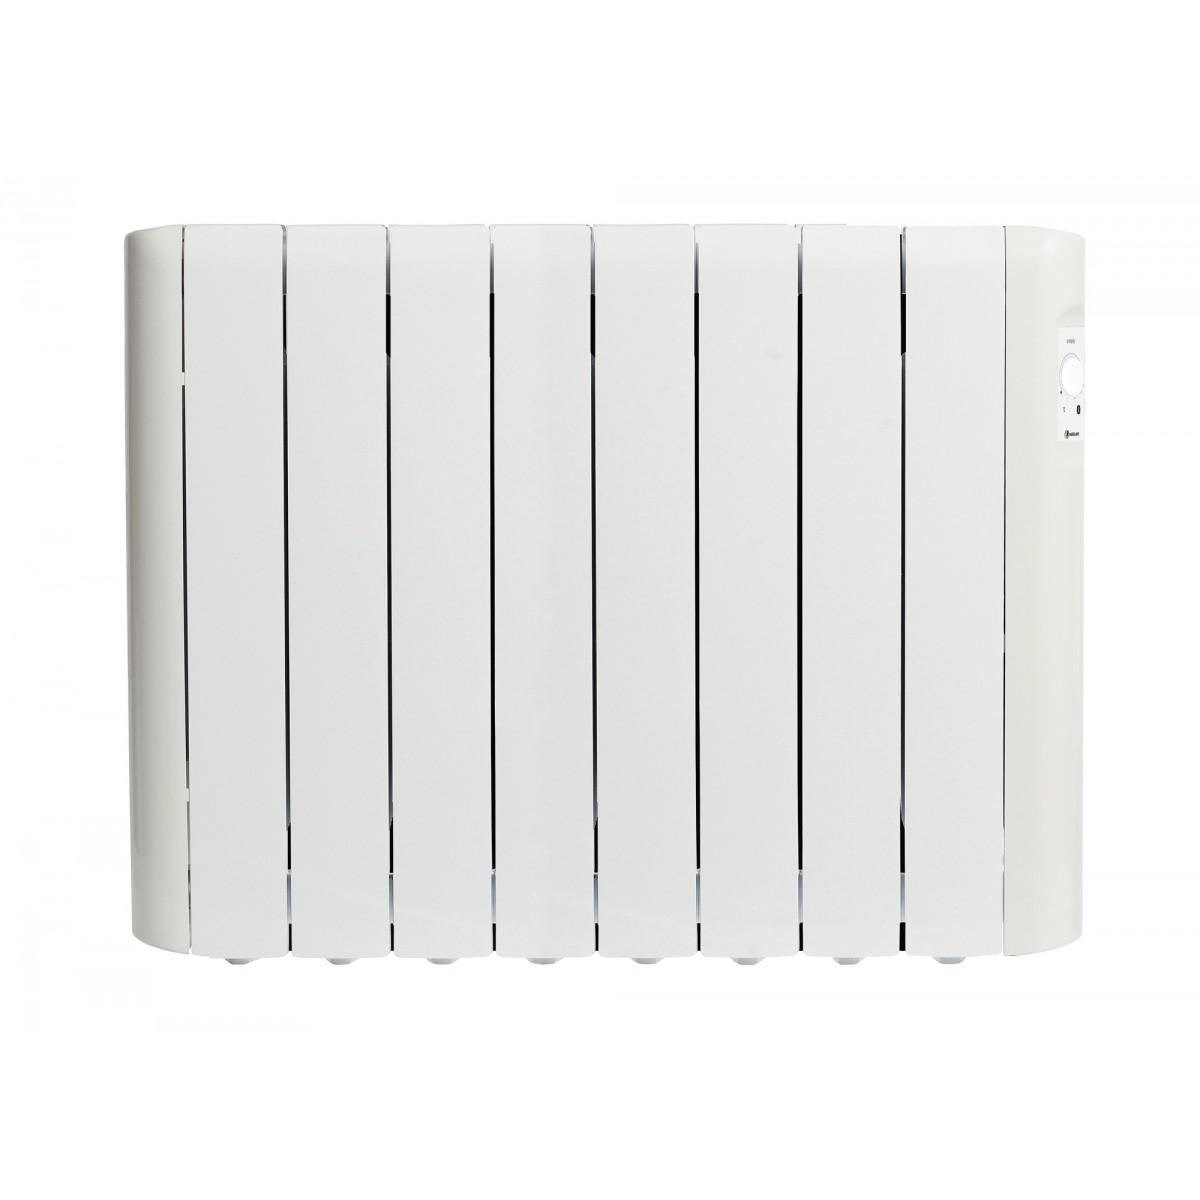 Radiateur électrique à inertie fluide Haverland - SIMPLY8S/C - Blanc - 1200W